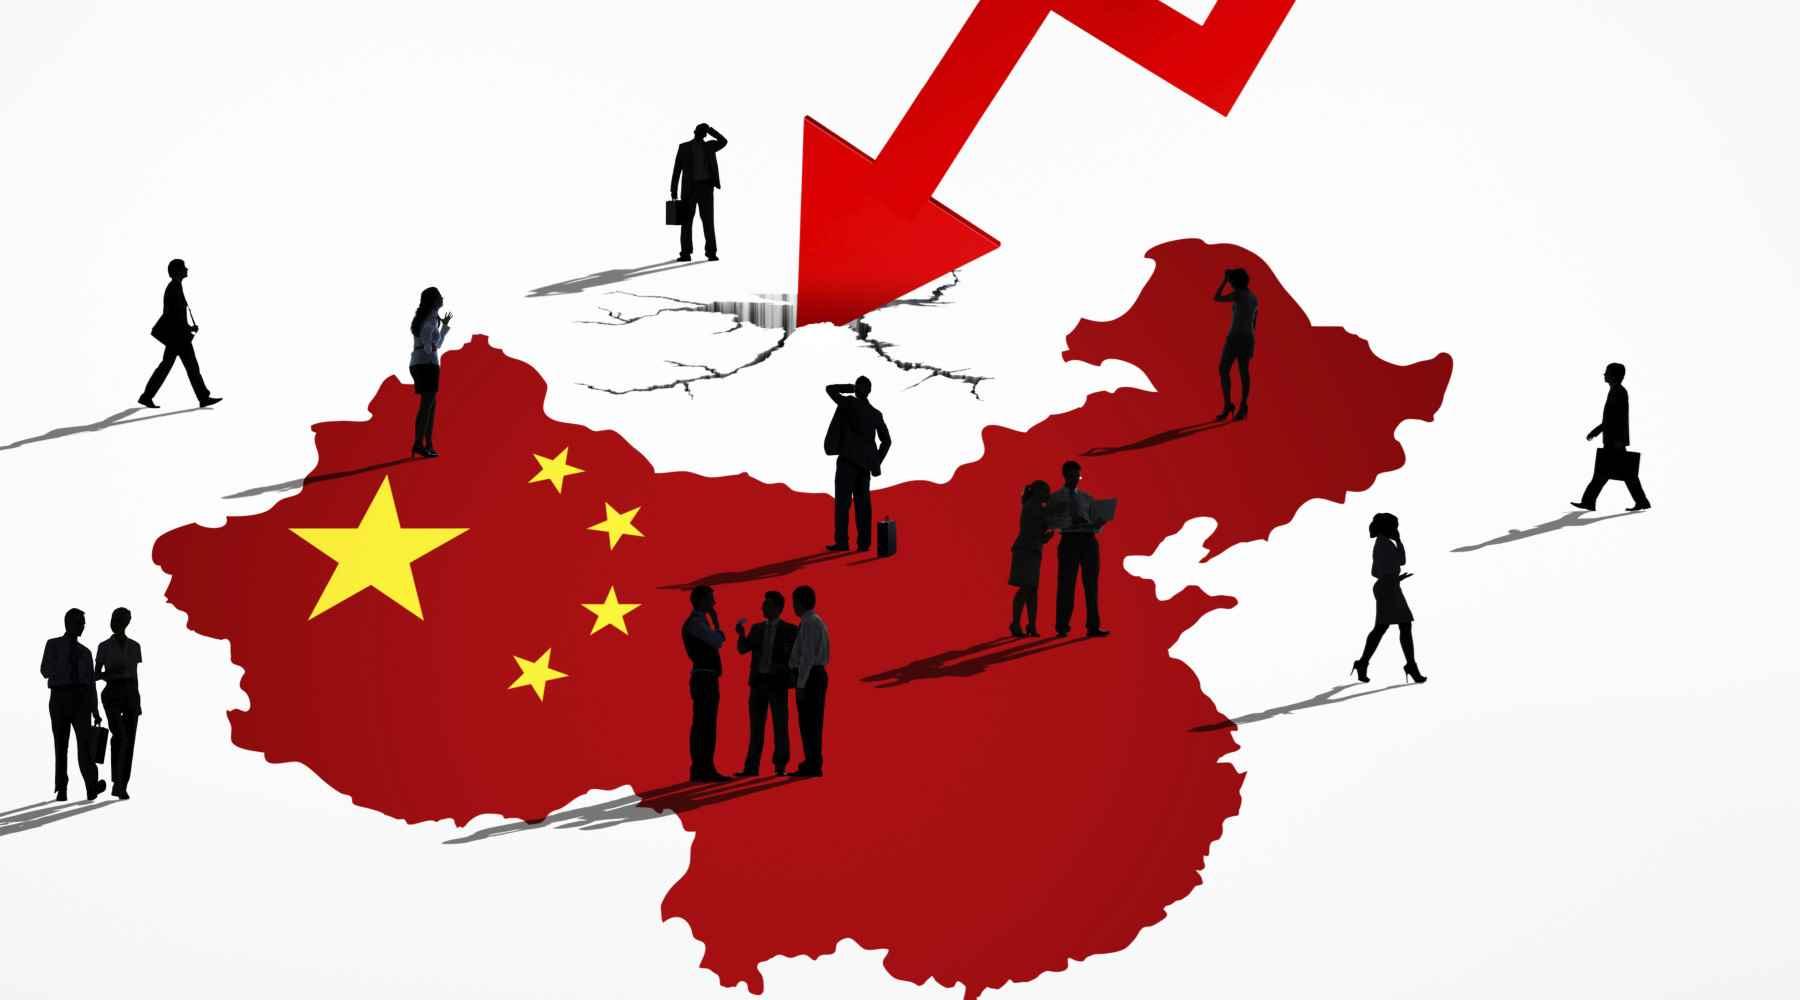 الإستراتيجية الصينية لأمن الطاقة و تأثيرها على الاستقرار في محيطها الإقليمي: آسيا الوسطى – جنوب آسيا